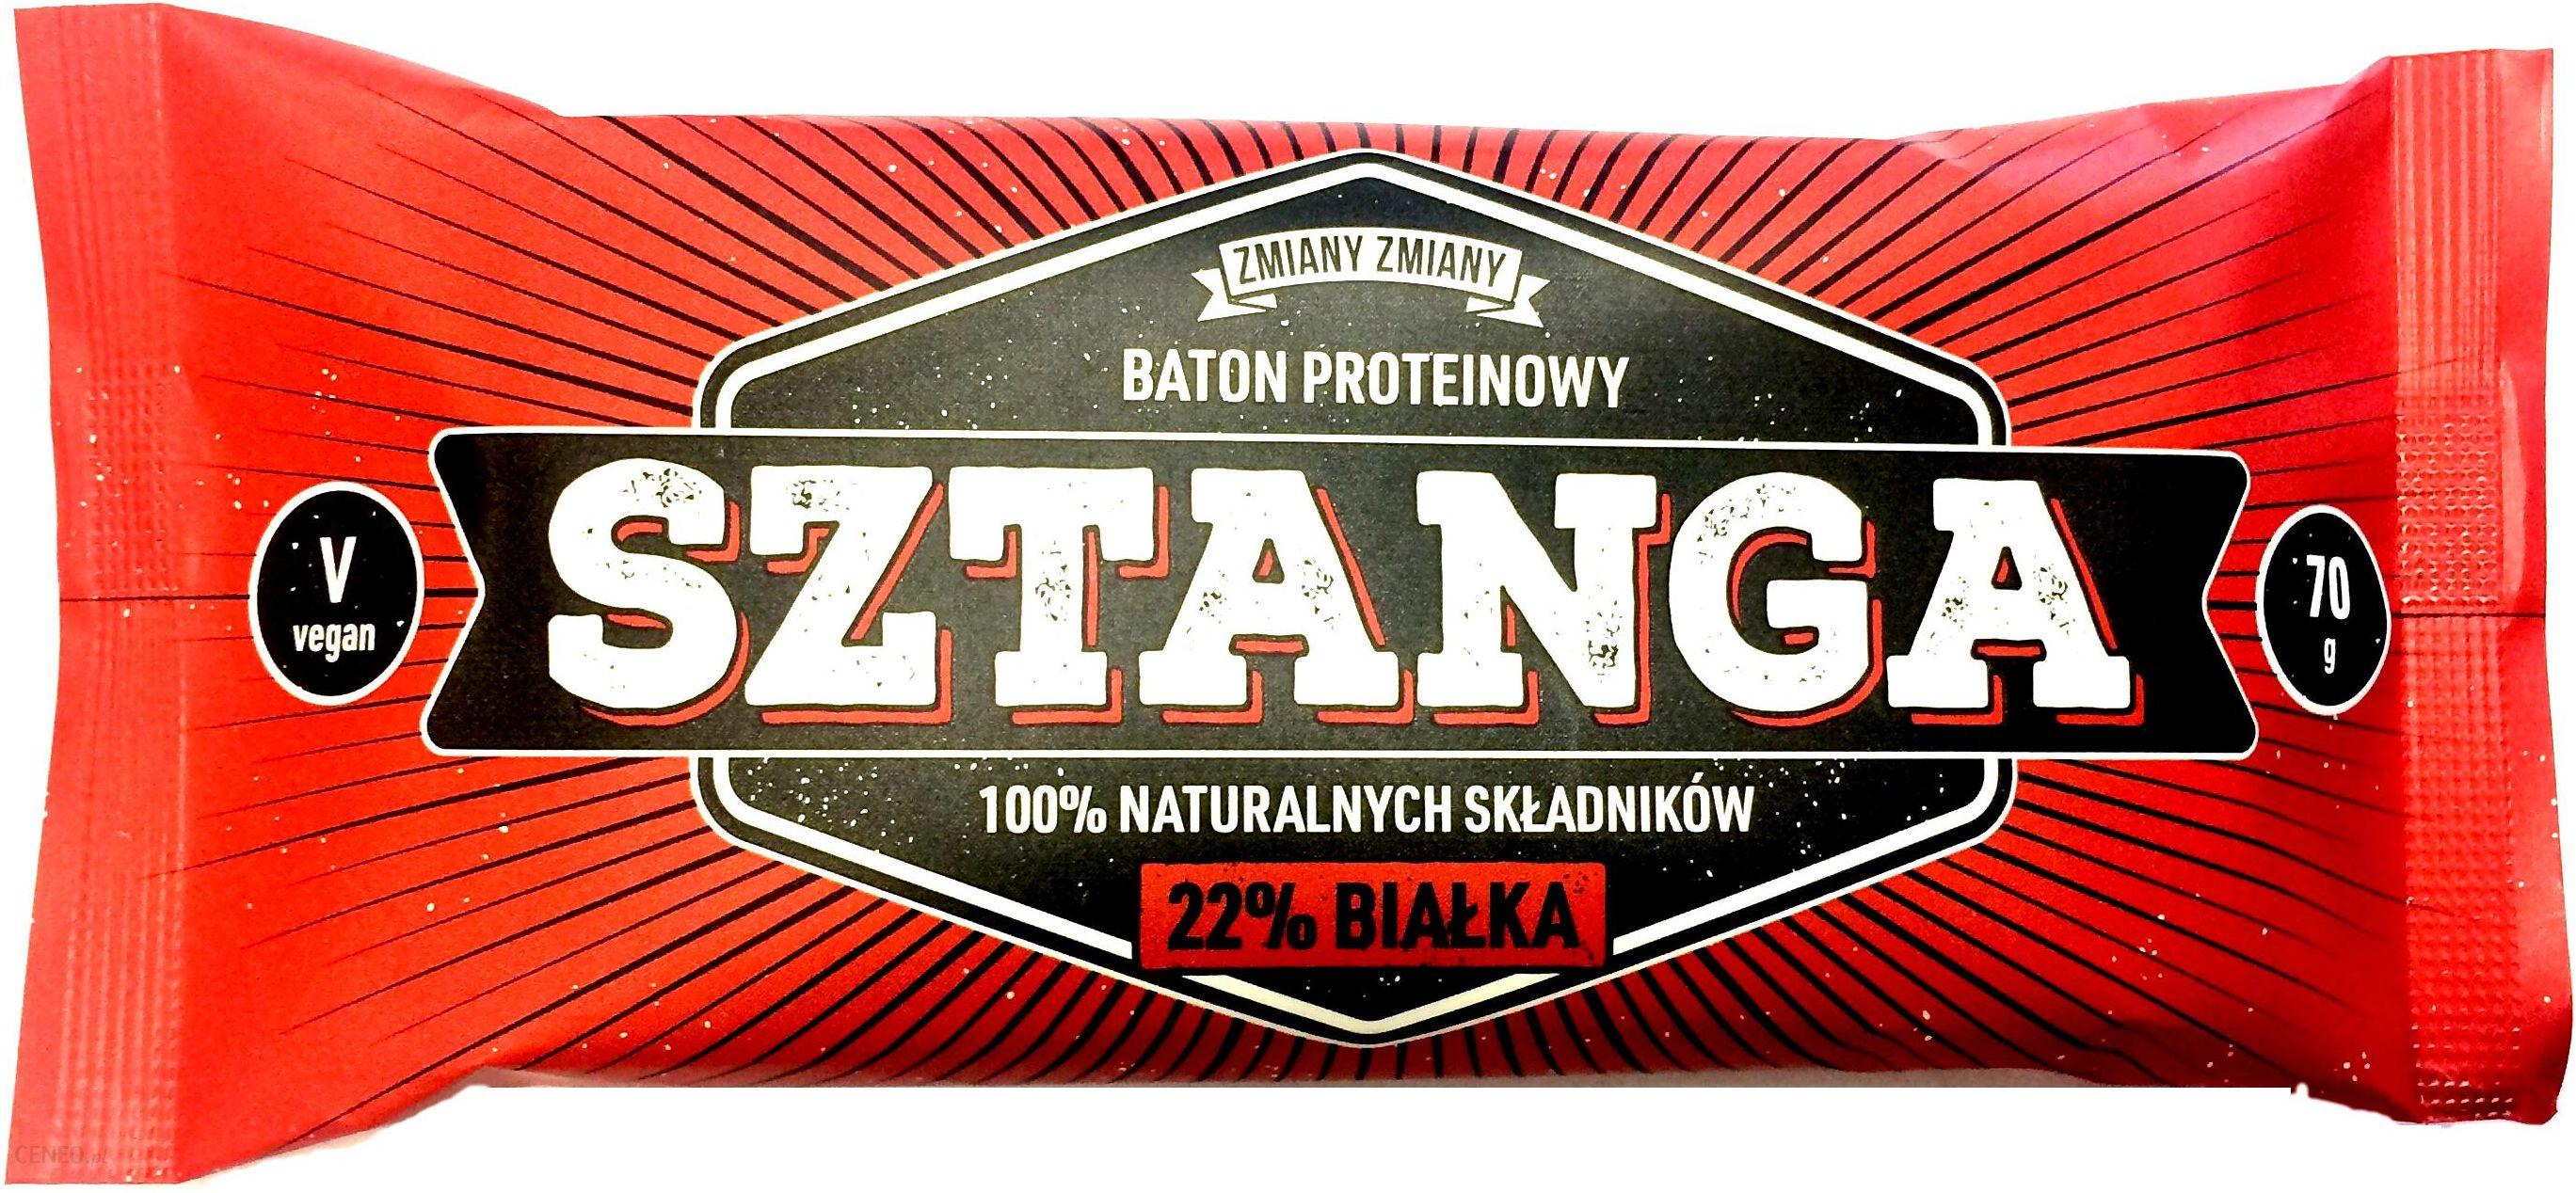 Zmiany Zmiany Baton Sztanga Proteinowy Orzech 70G